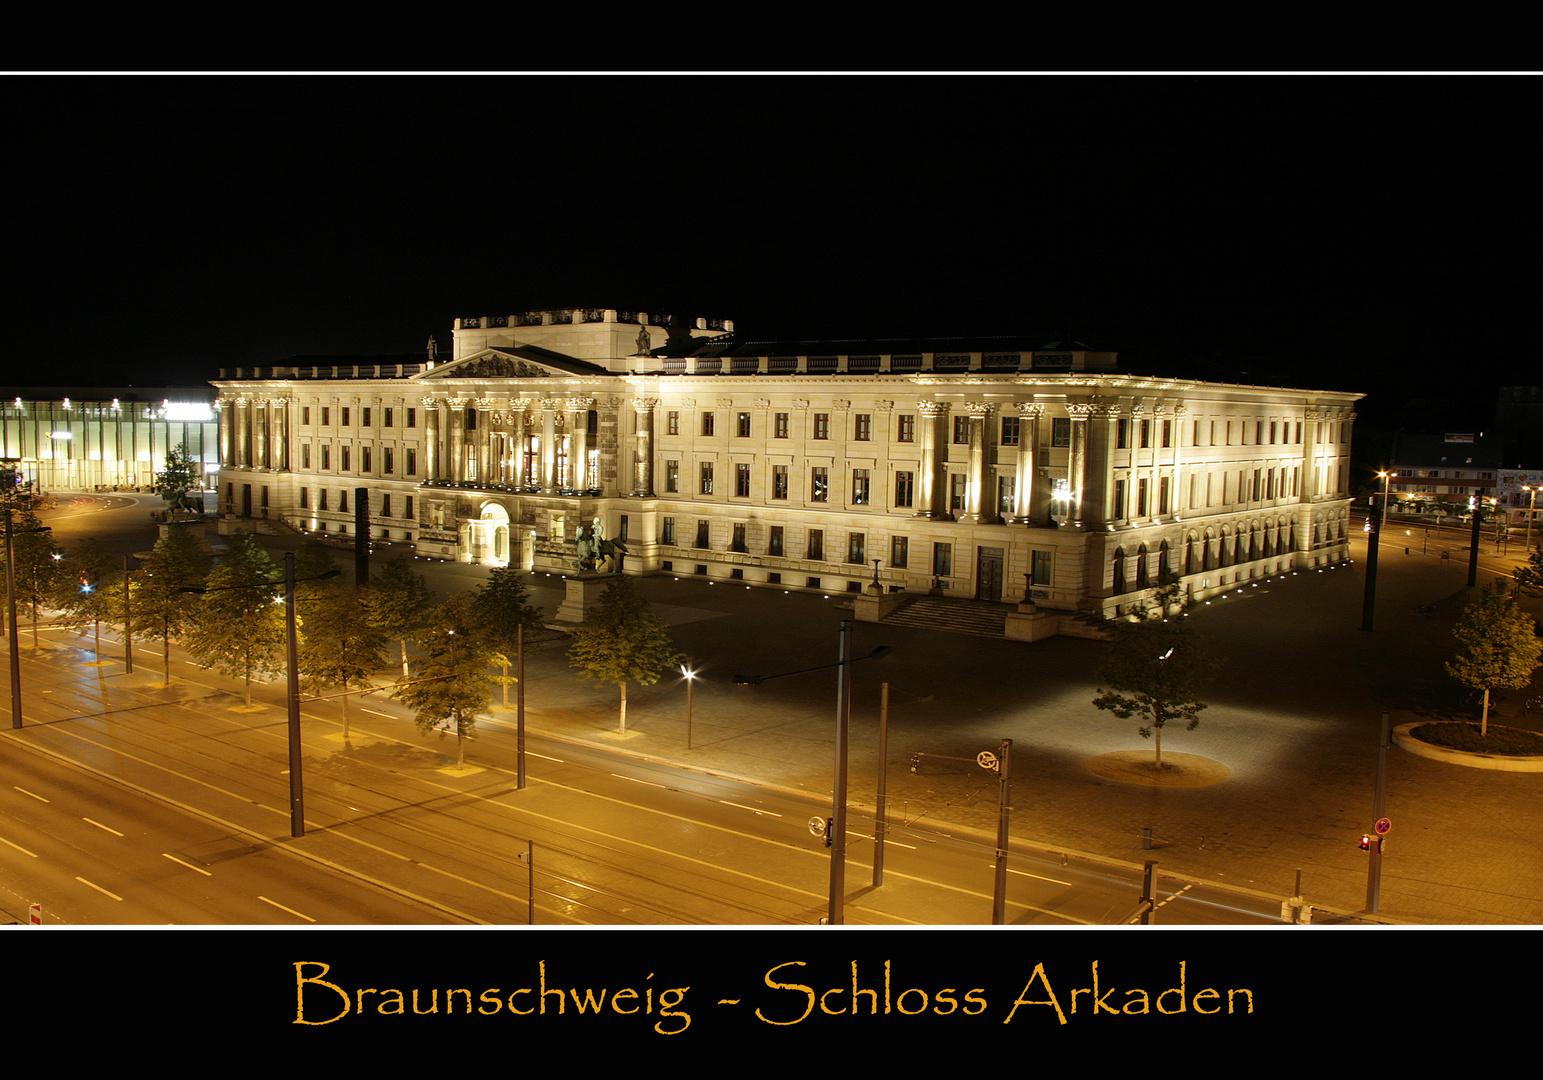 Braunschweiger Schloß